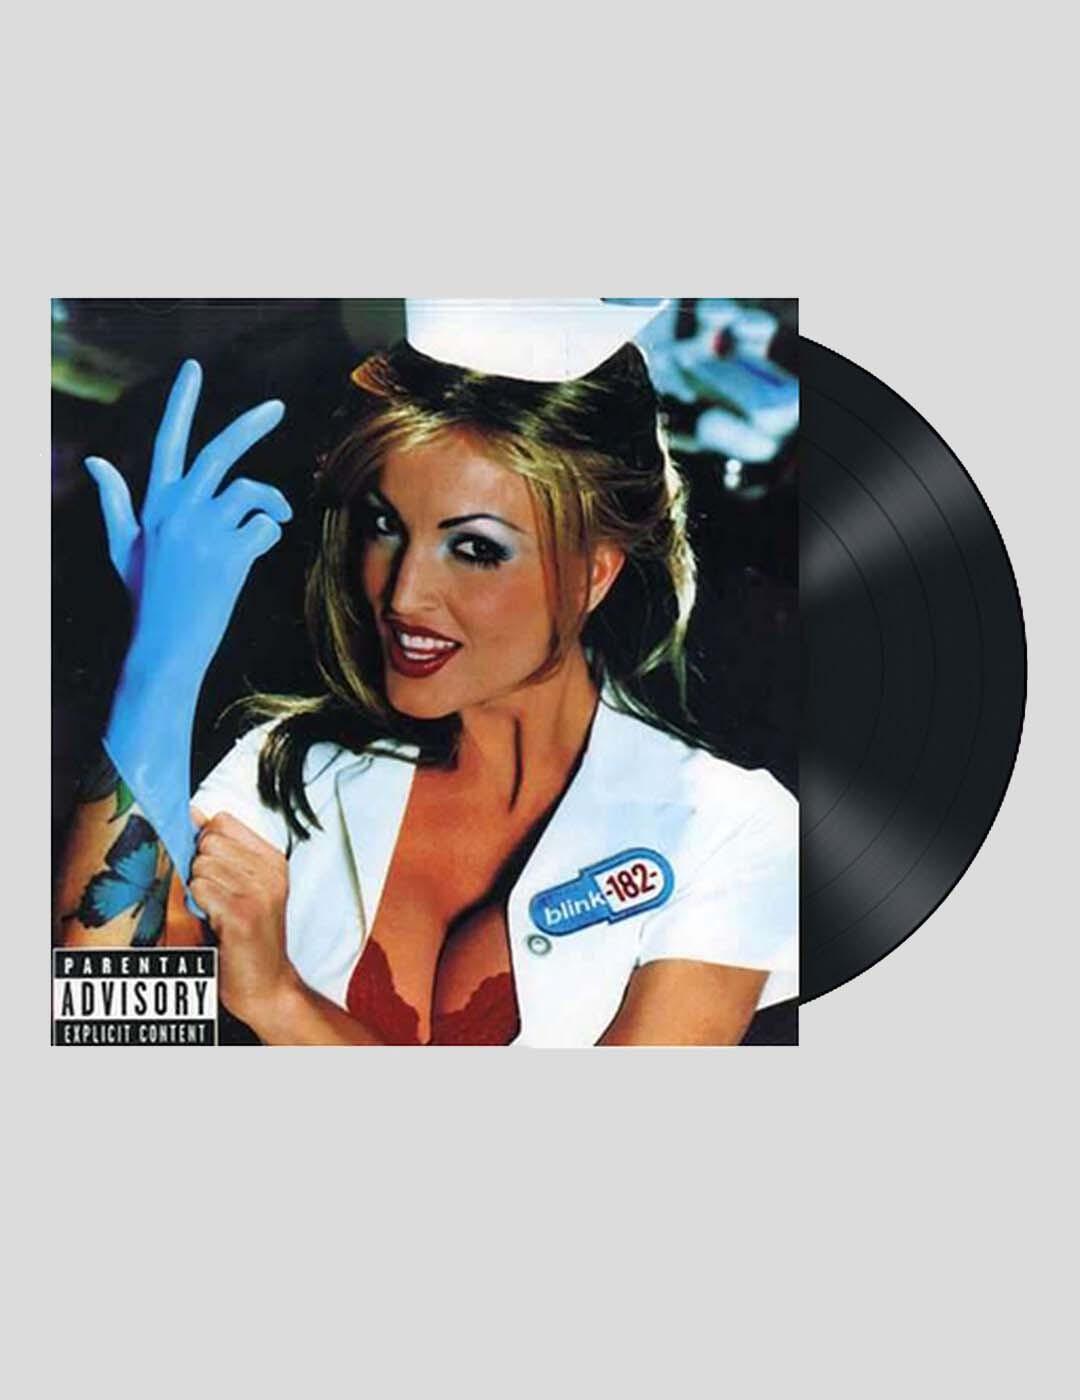 VINILO BLINK 182 - ENEMA OF THE STATE LP VINYL